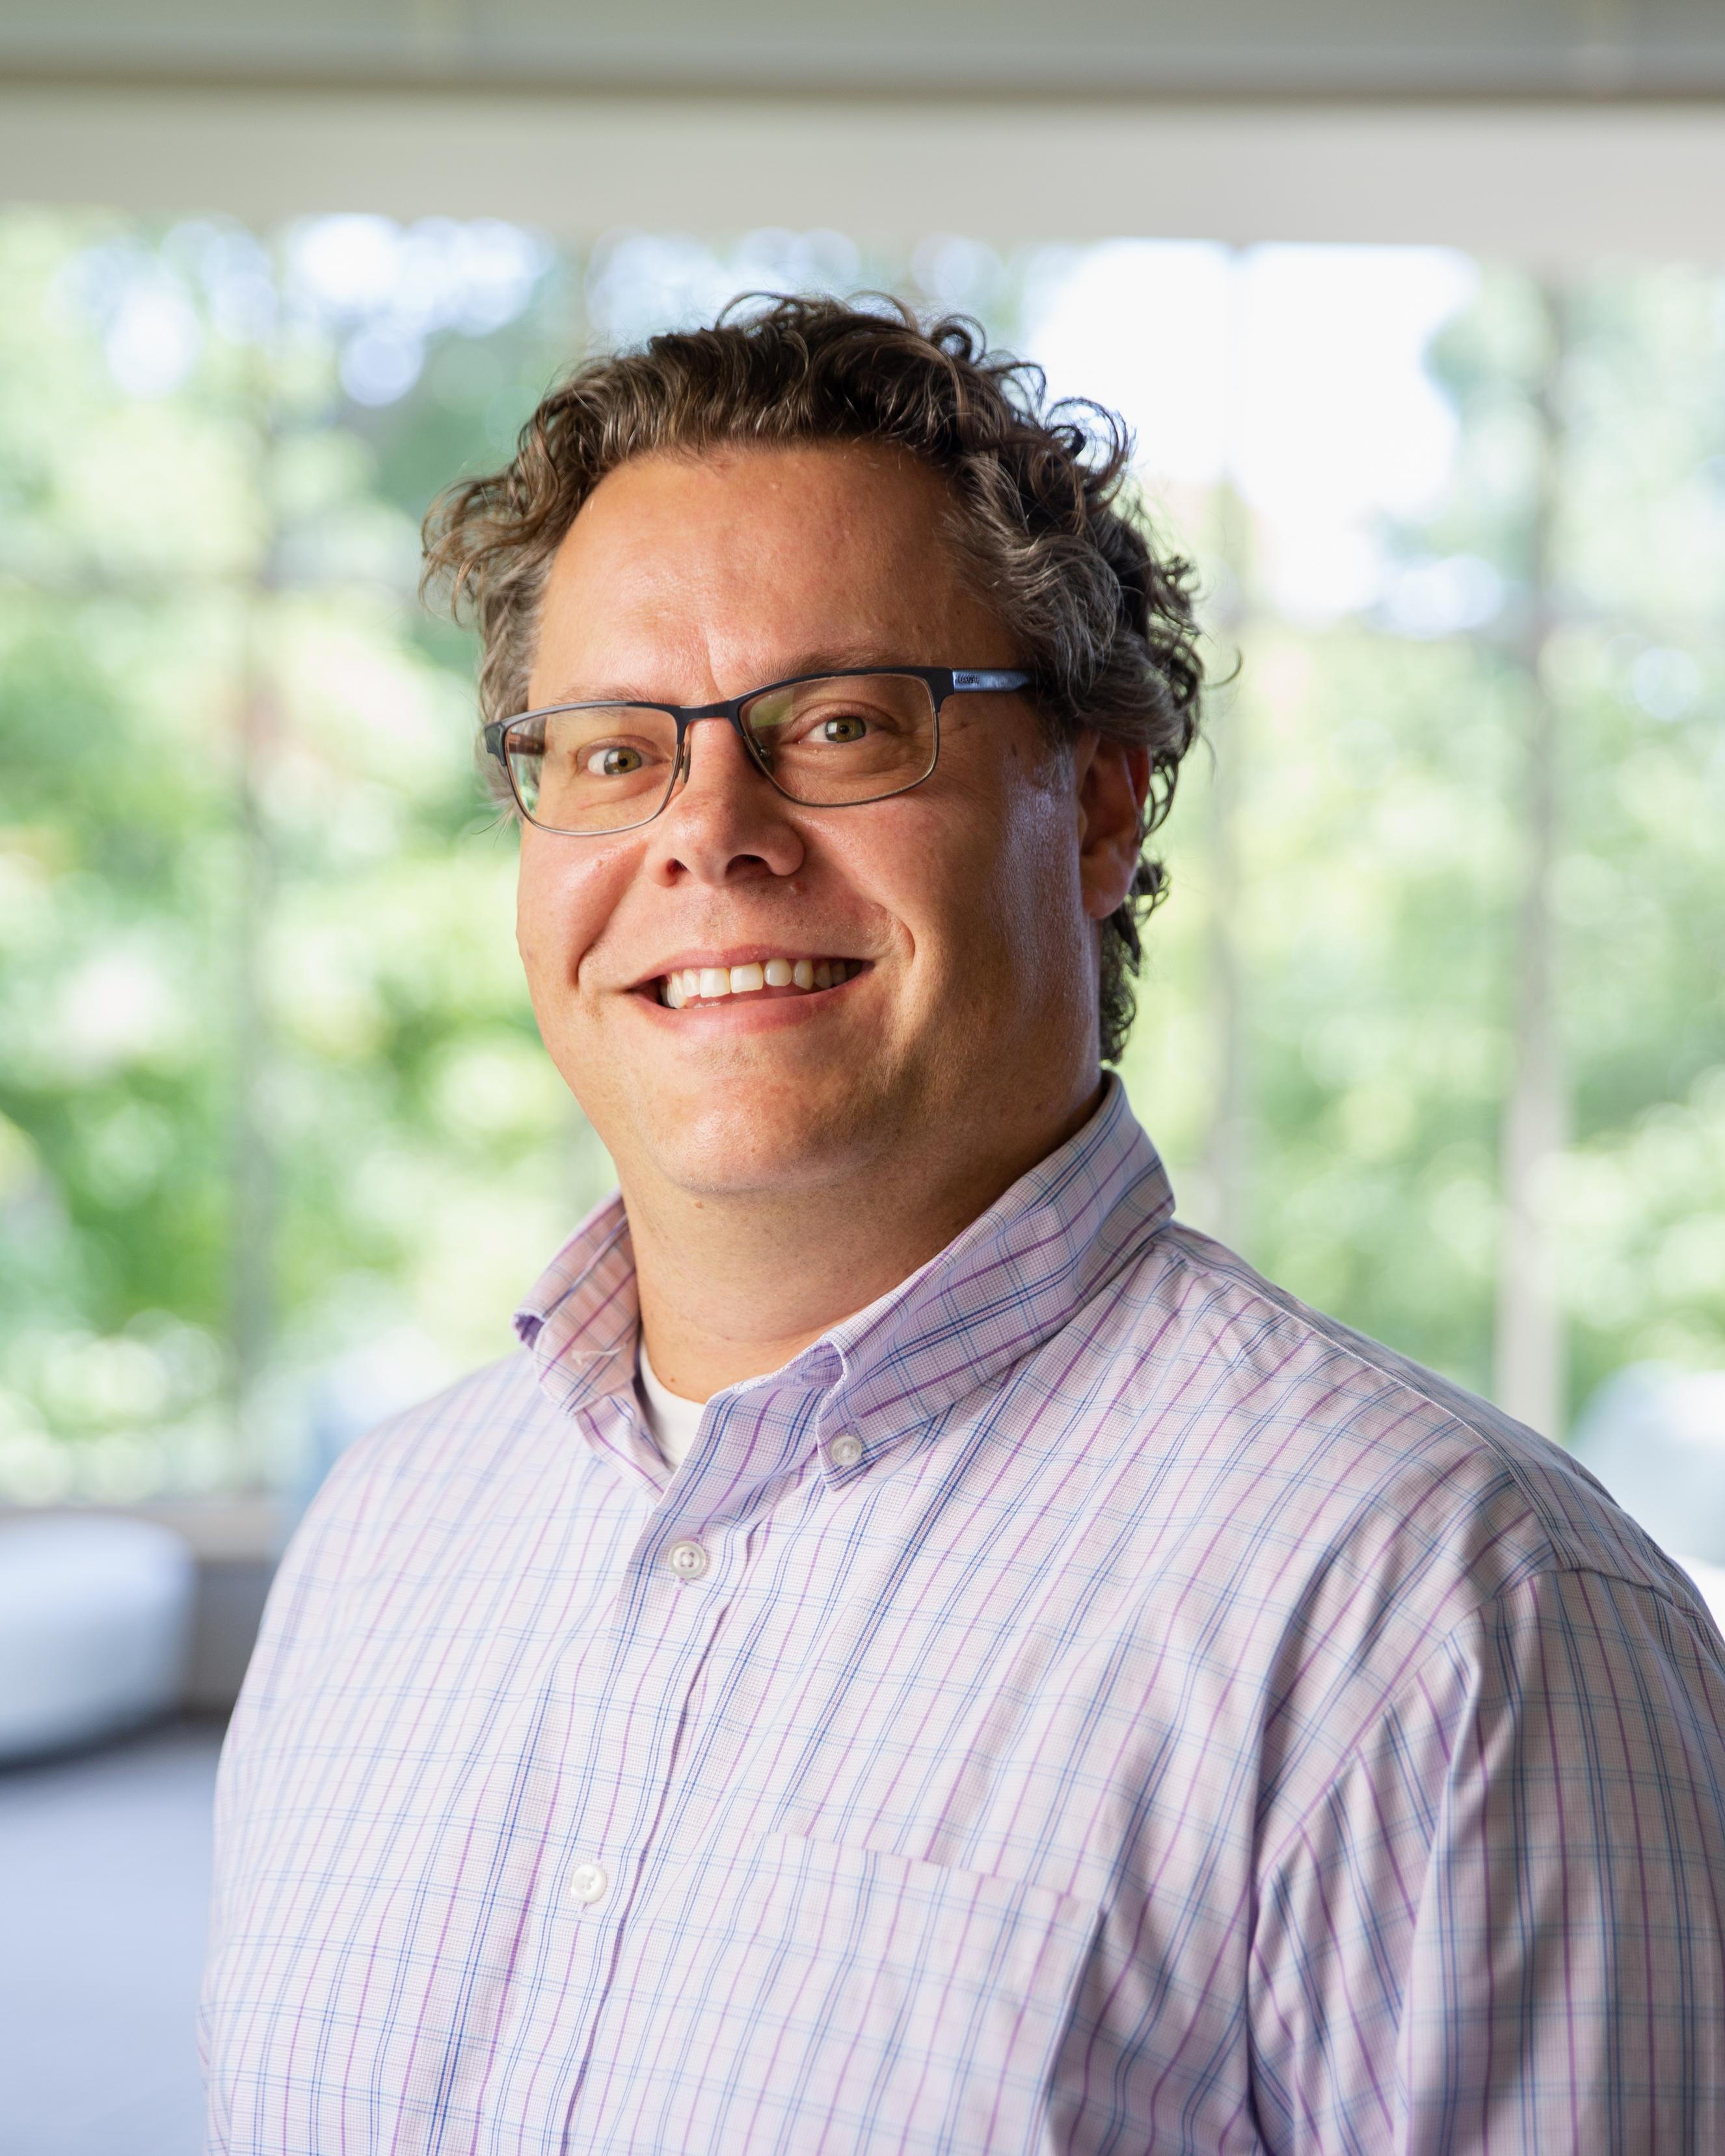 Daniel J Hollerung